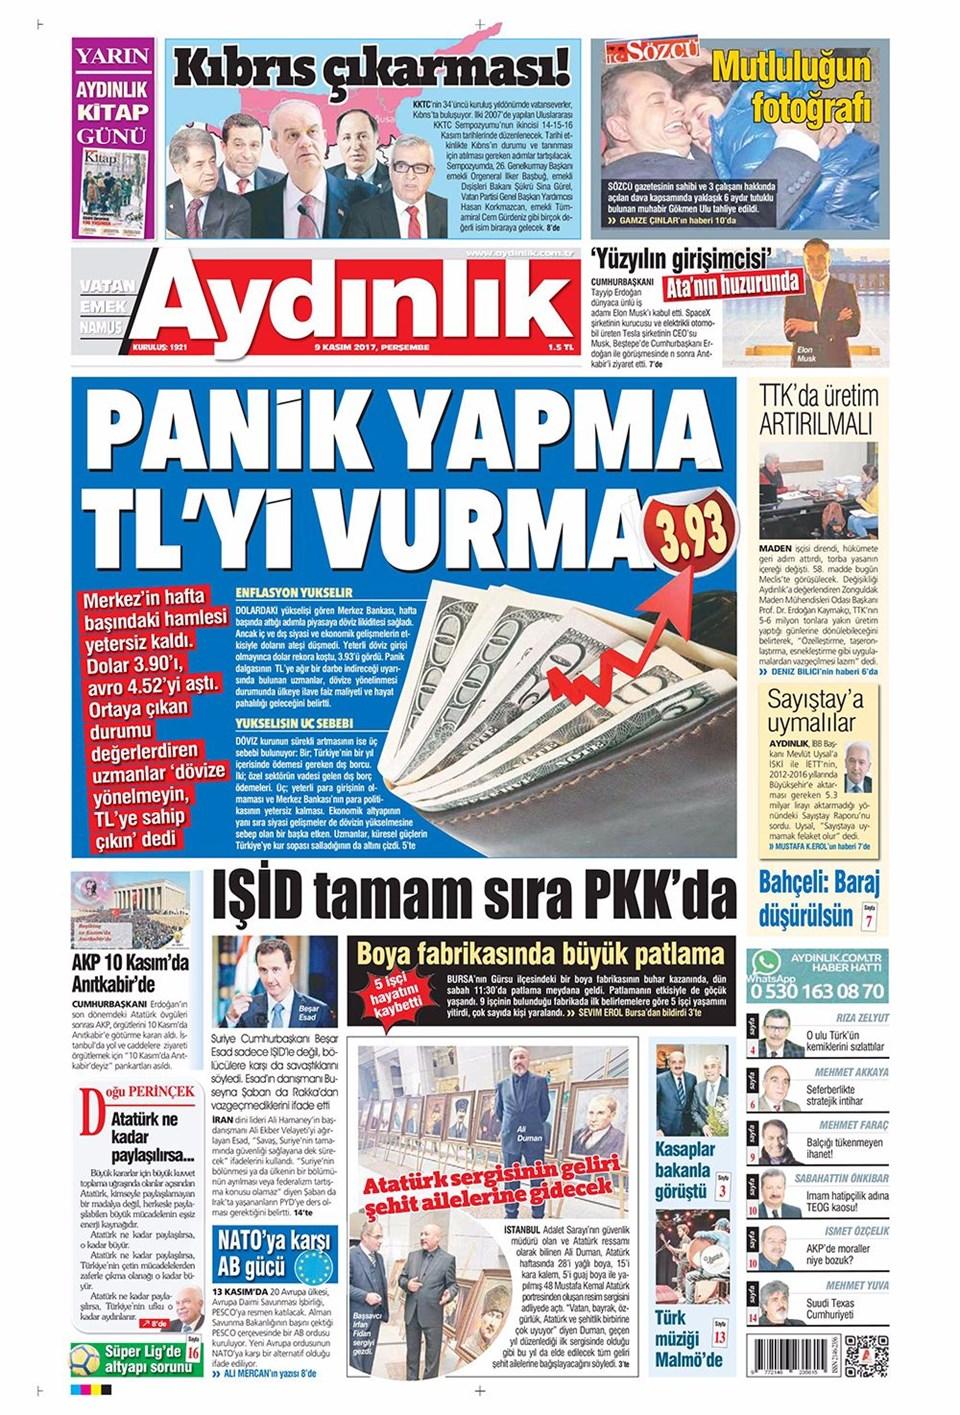 Basında bugün kim ne manşet attı? 9 kasım günün gazete manşetleri 7